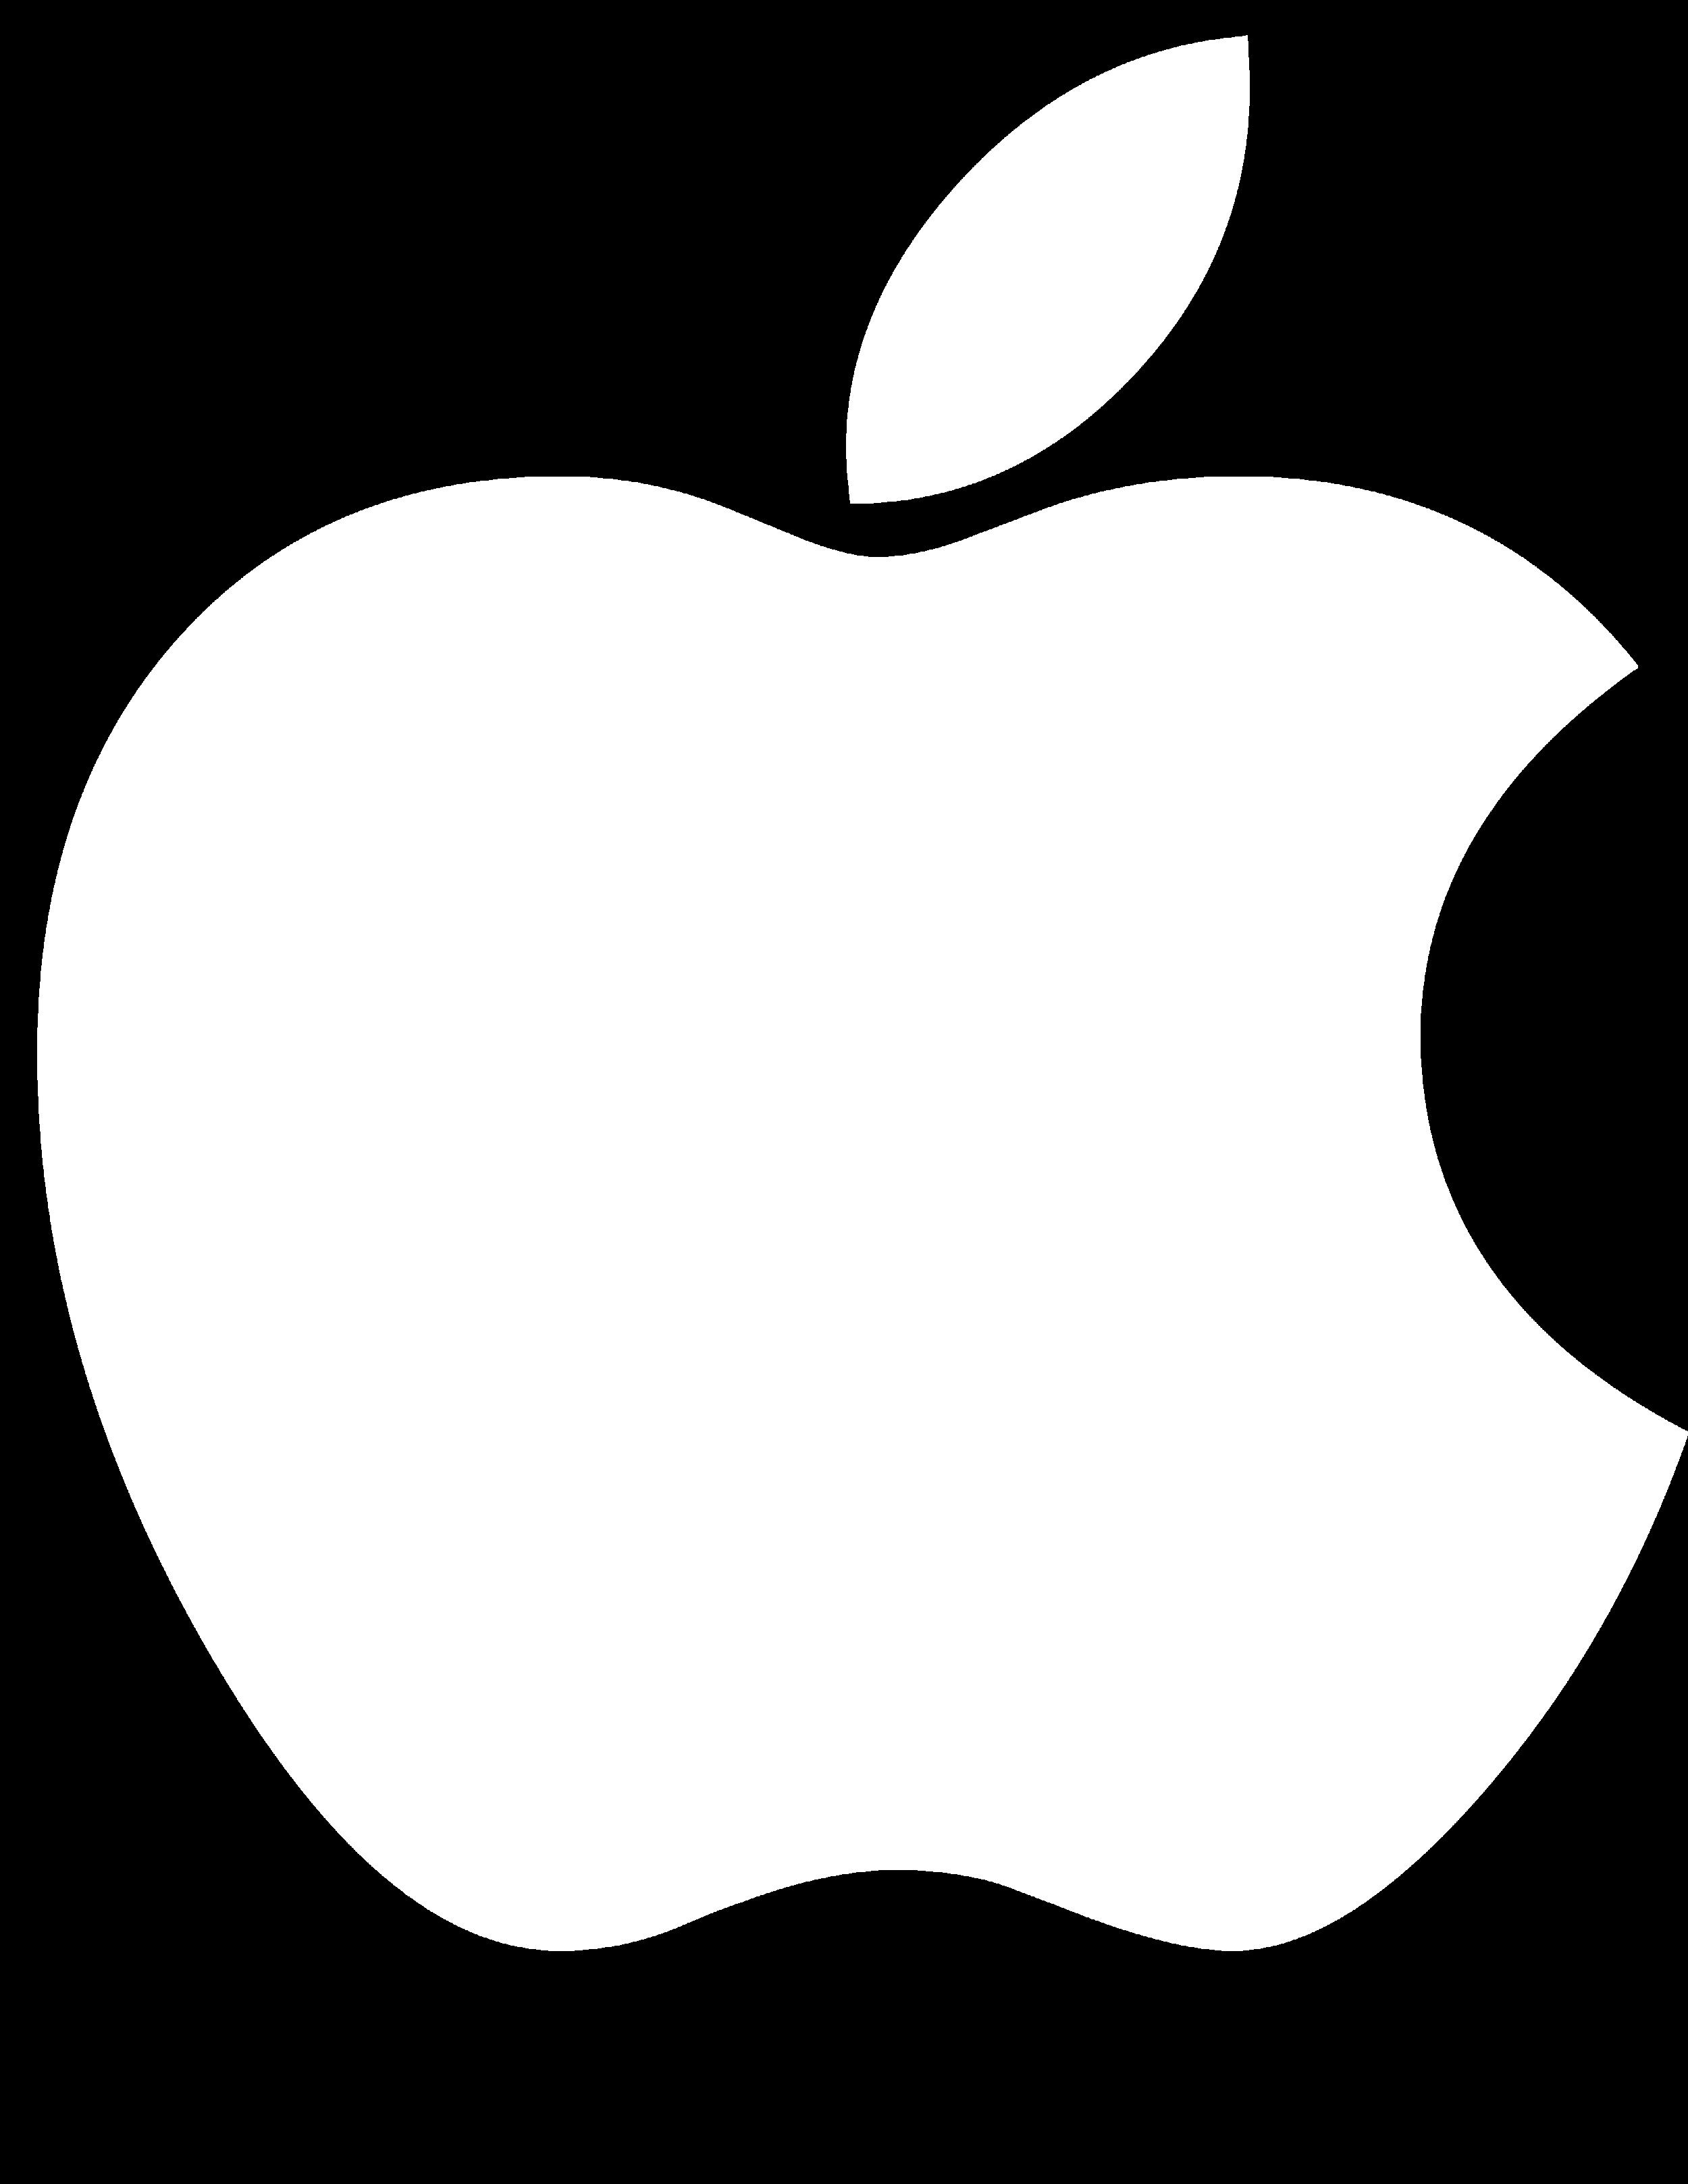 logo_13.png